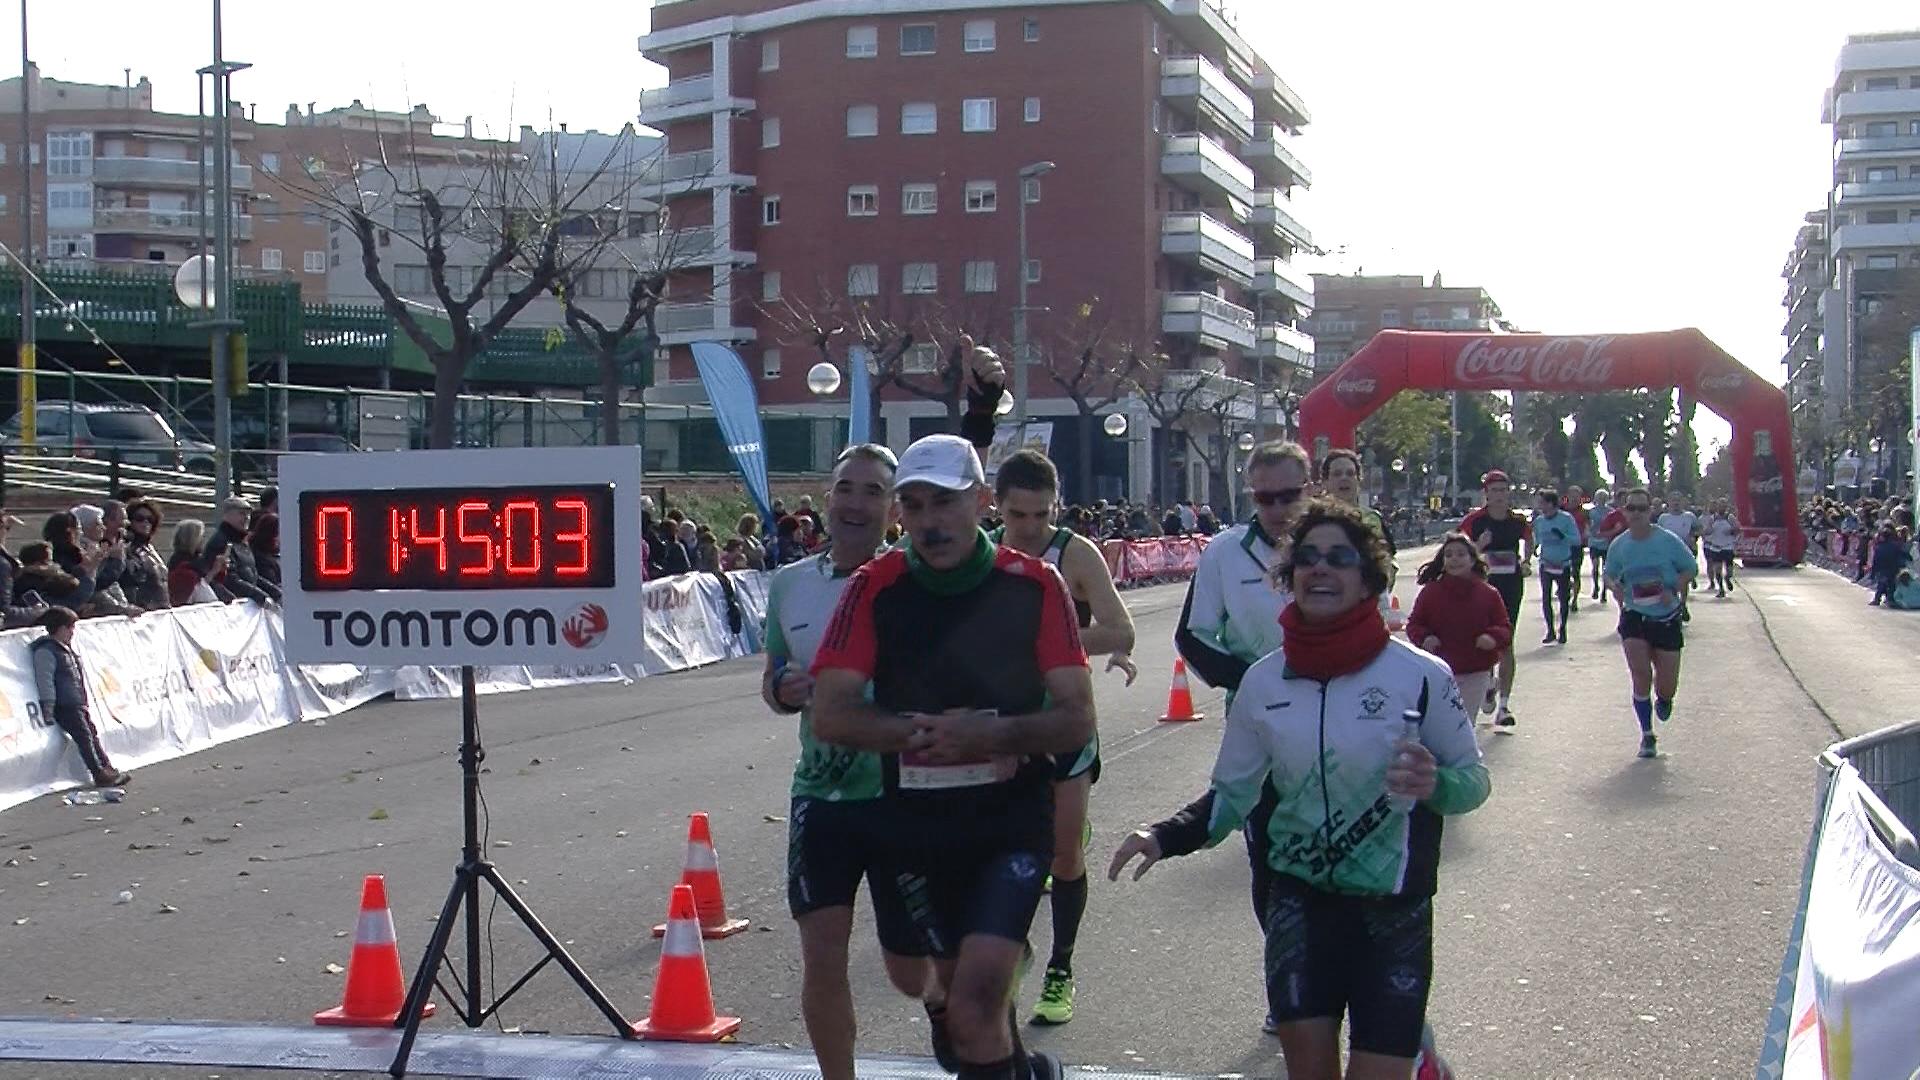 marato-tarragona-00_02_44_15-imagen-fija001